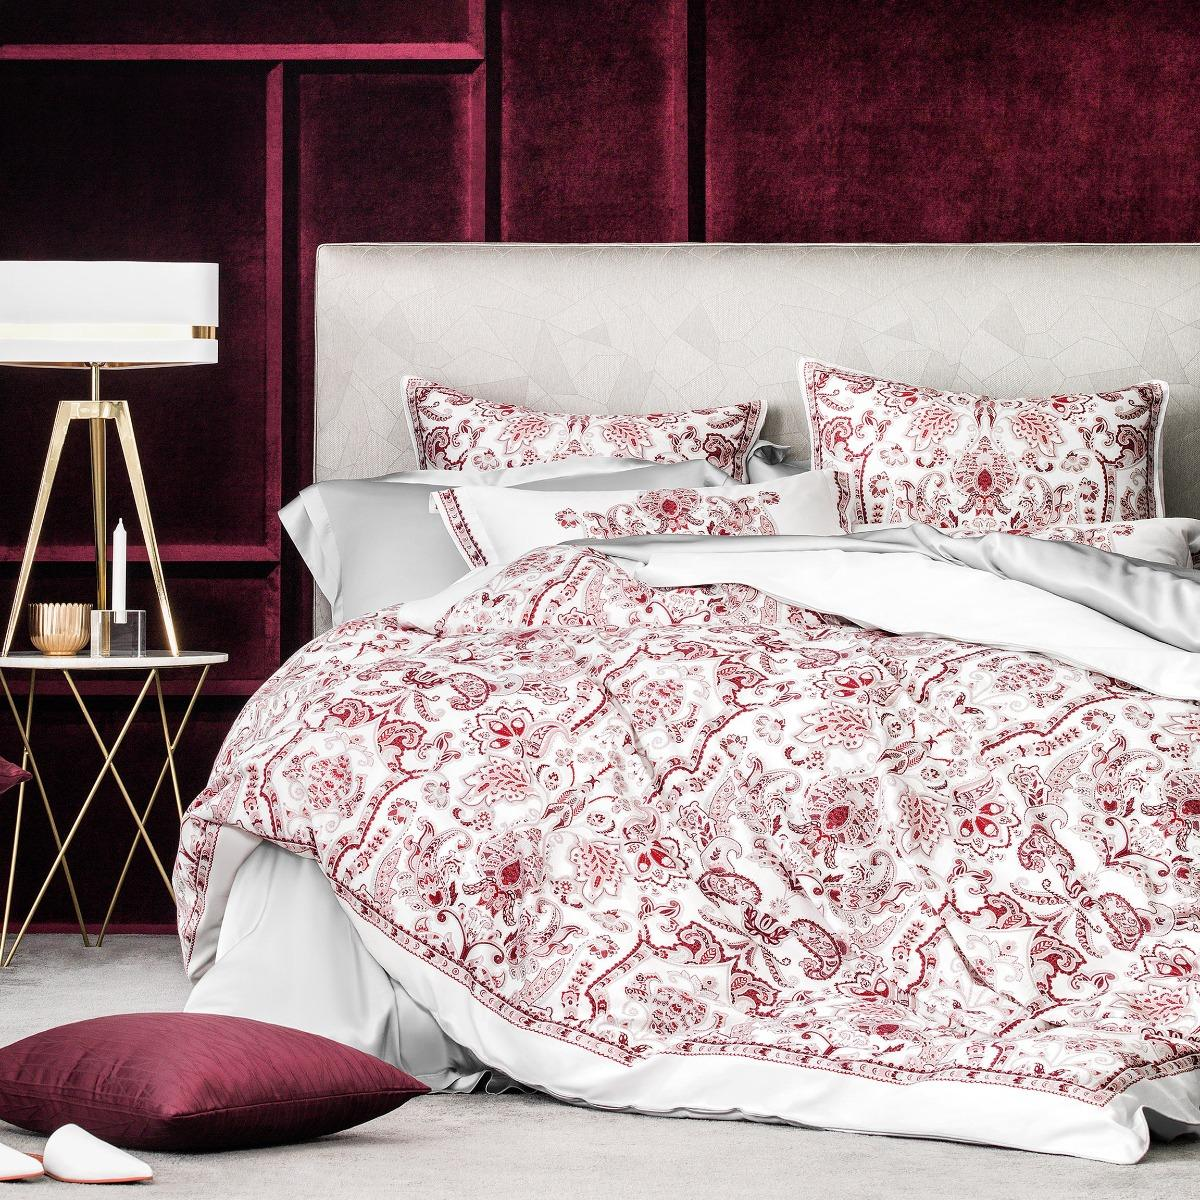 Комплект постельного белья Togas Розетта Двуспальный евро белый с розовым